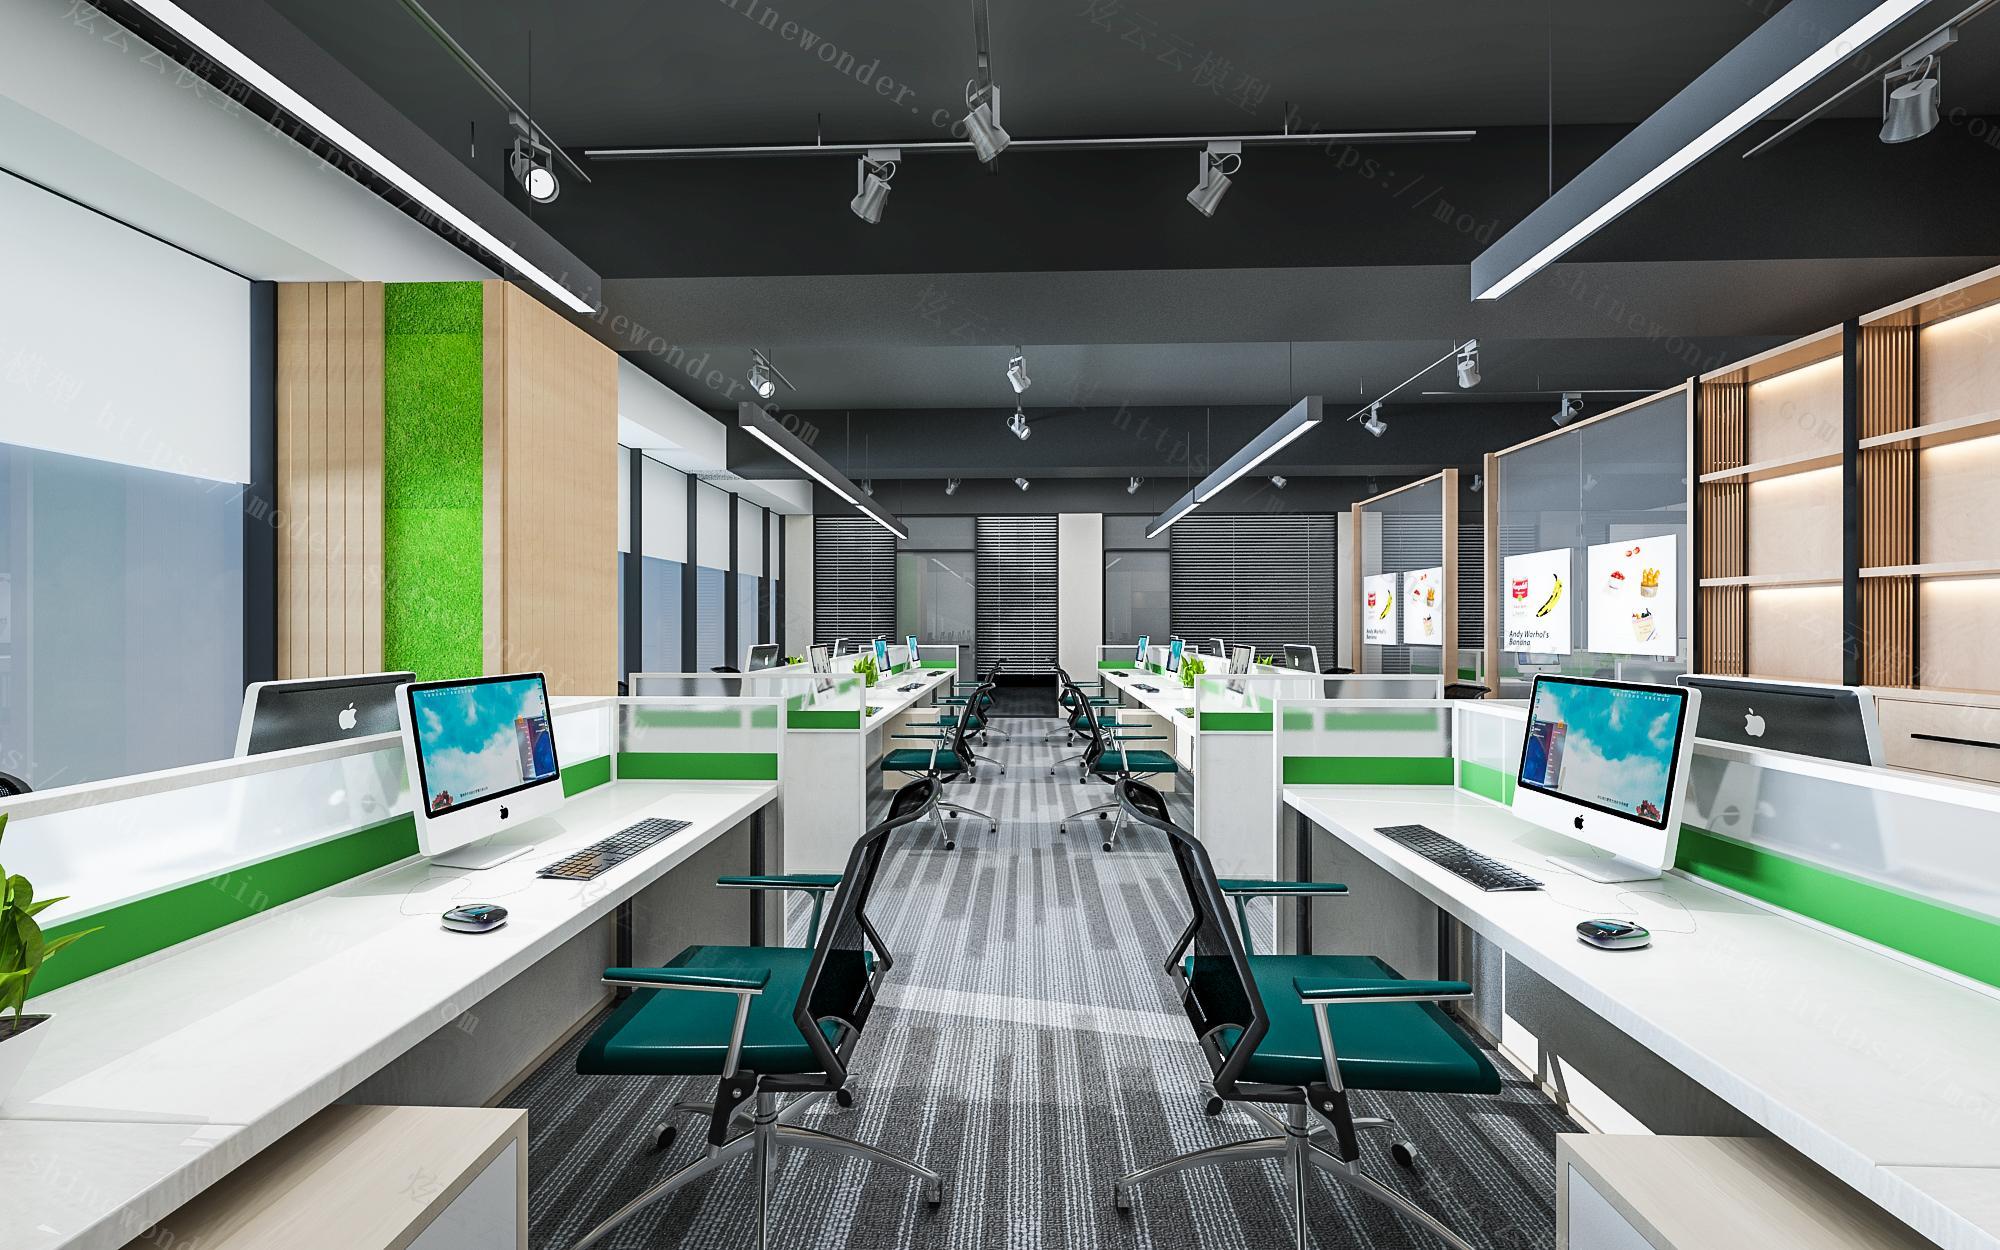 现代办公大厅模型